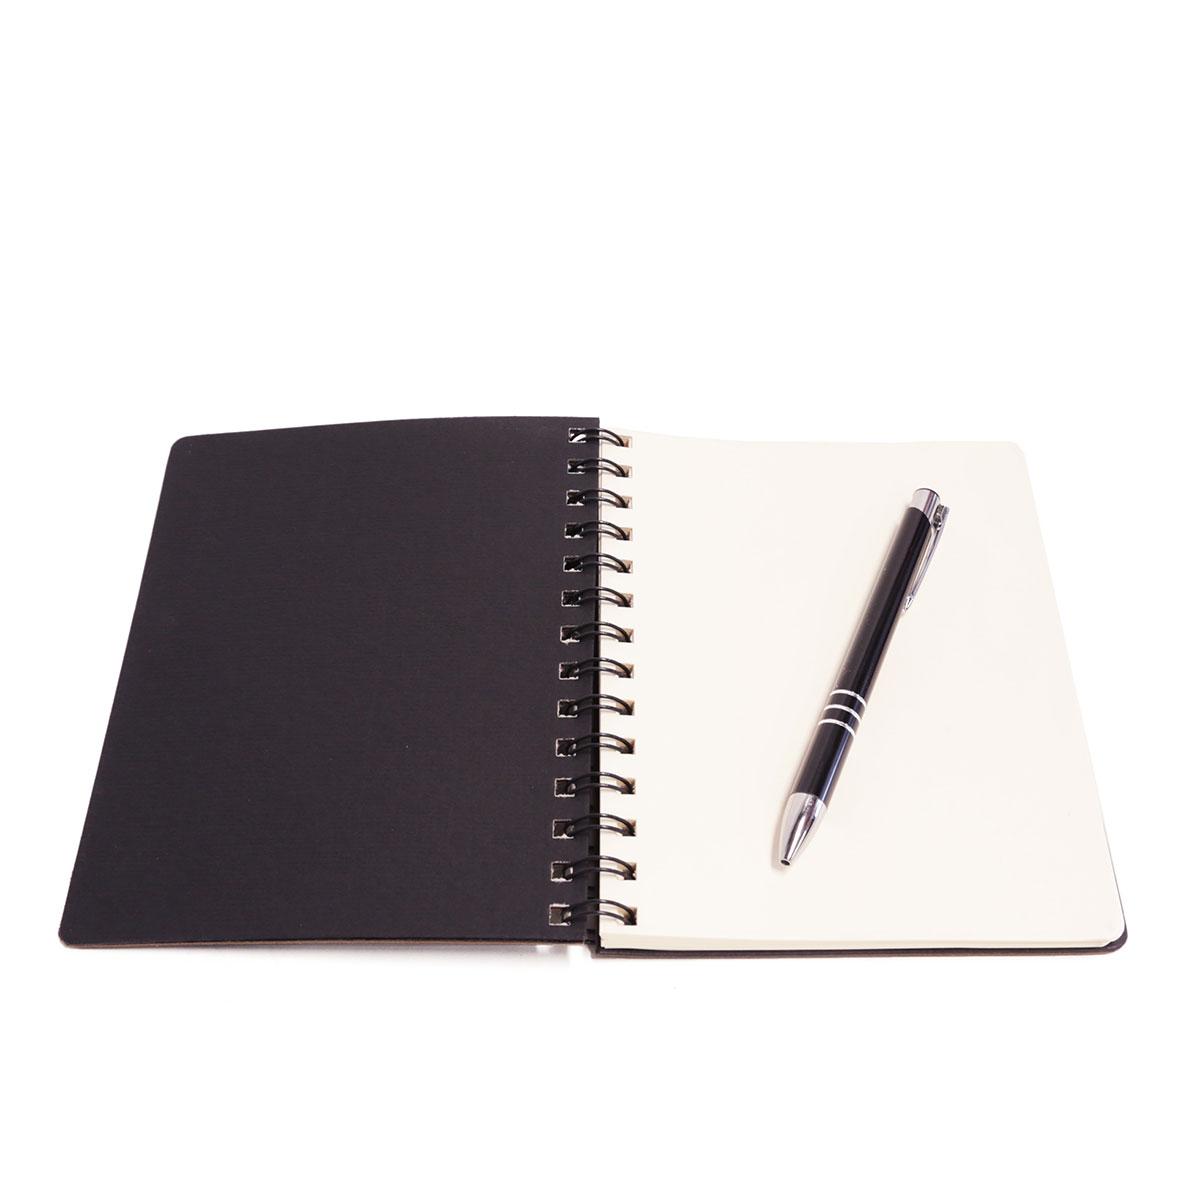 Caderno wire-o com caneta (Montana Grafite)